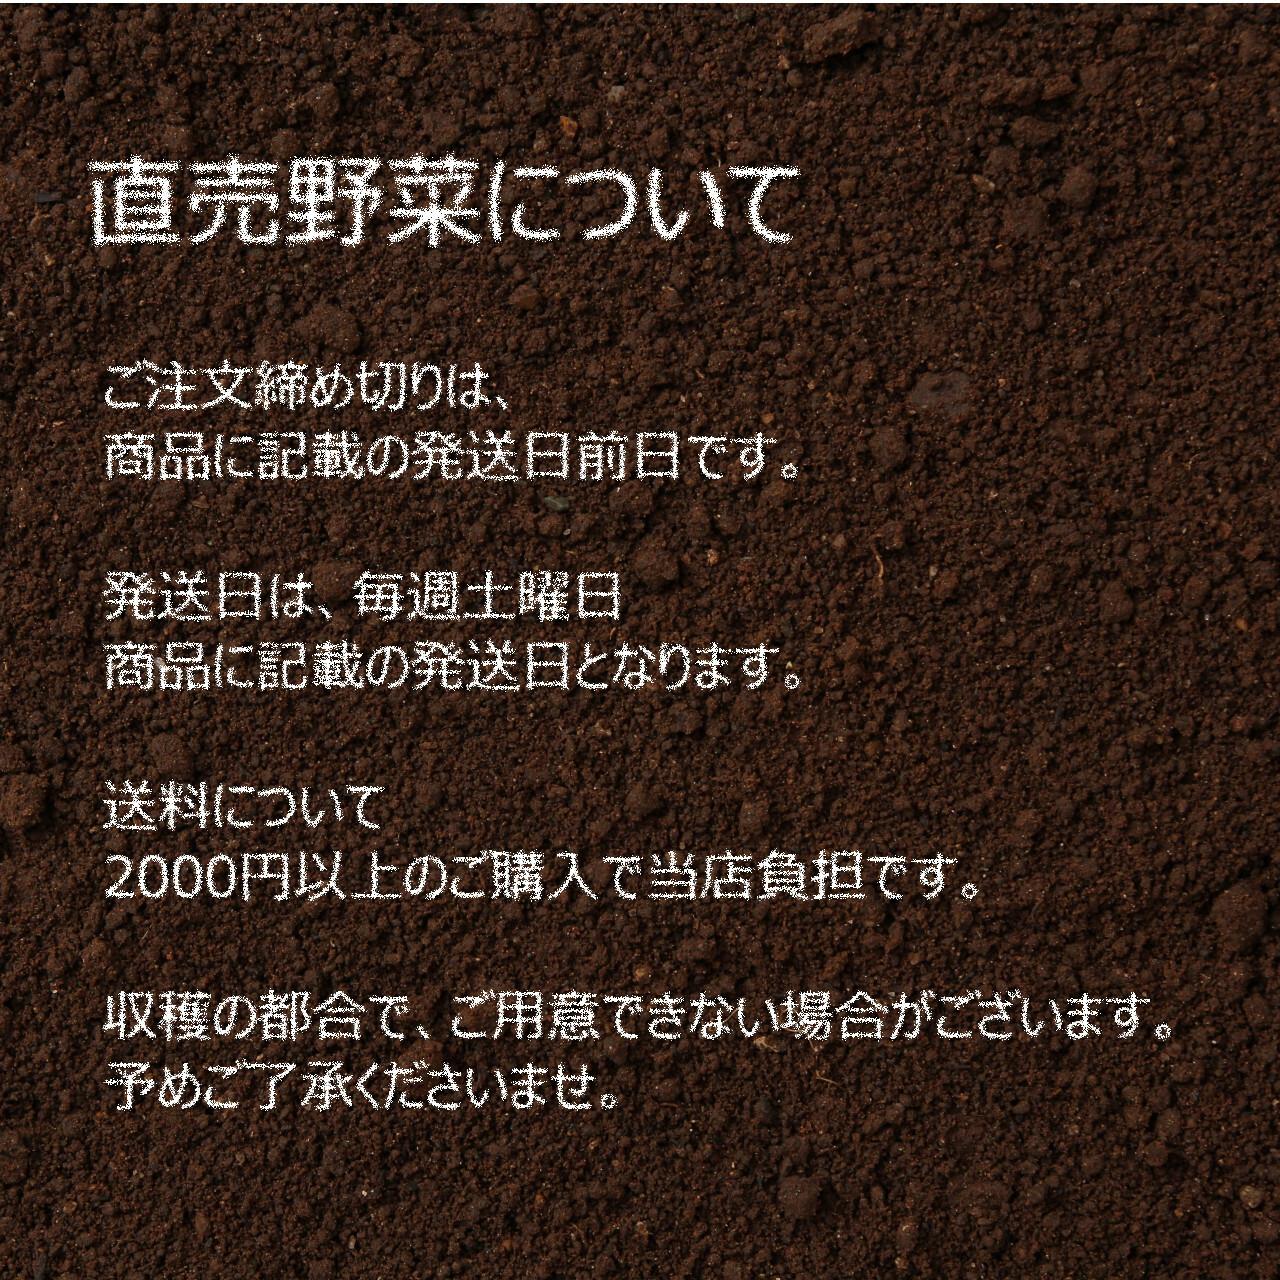 新鮮な秋野菜 : ニラ 約200g 11月の朝採り直売野菜 11月14日発送予定